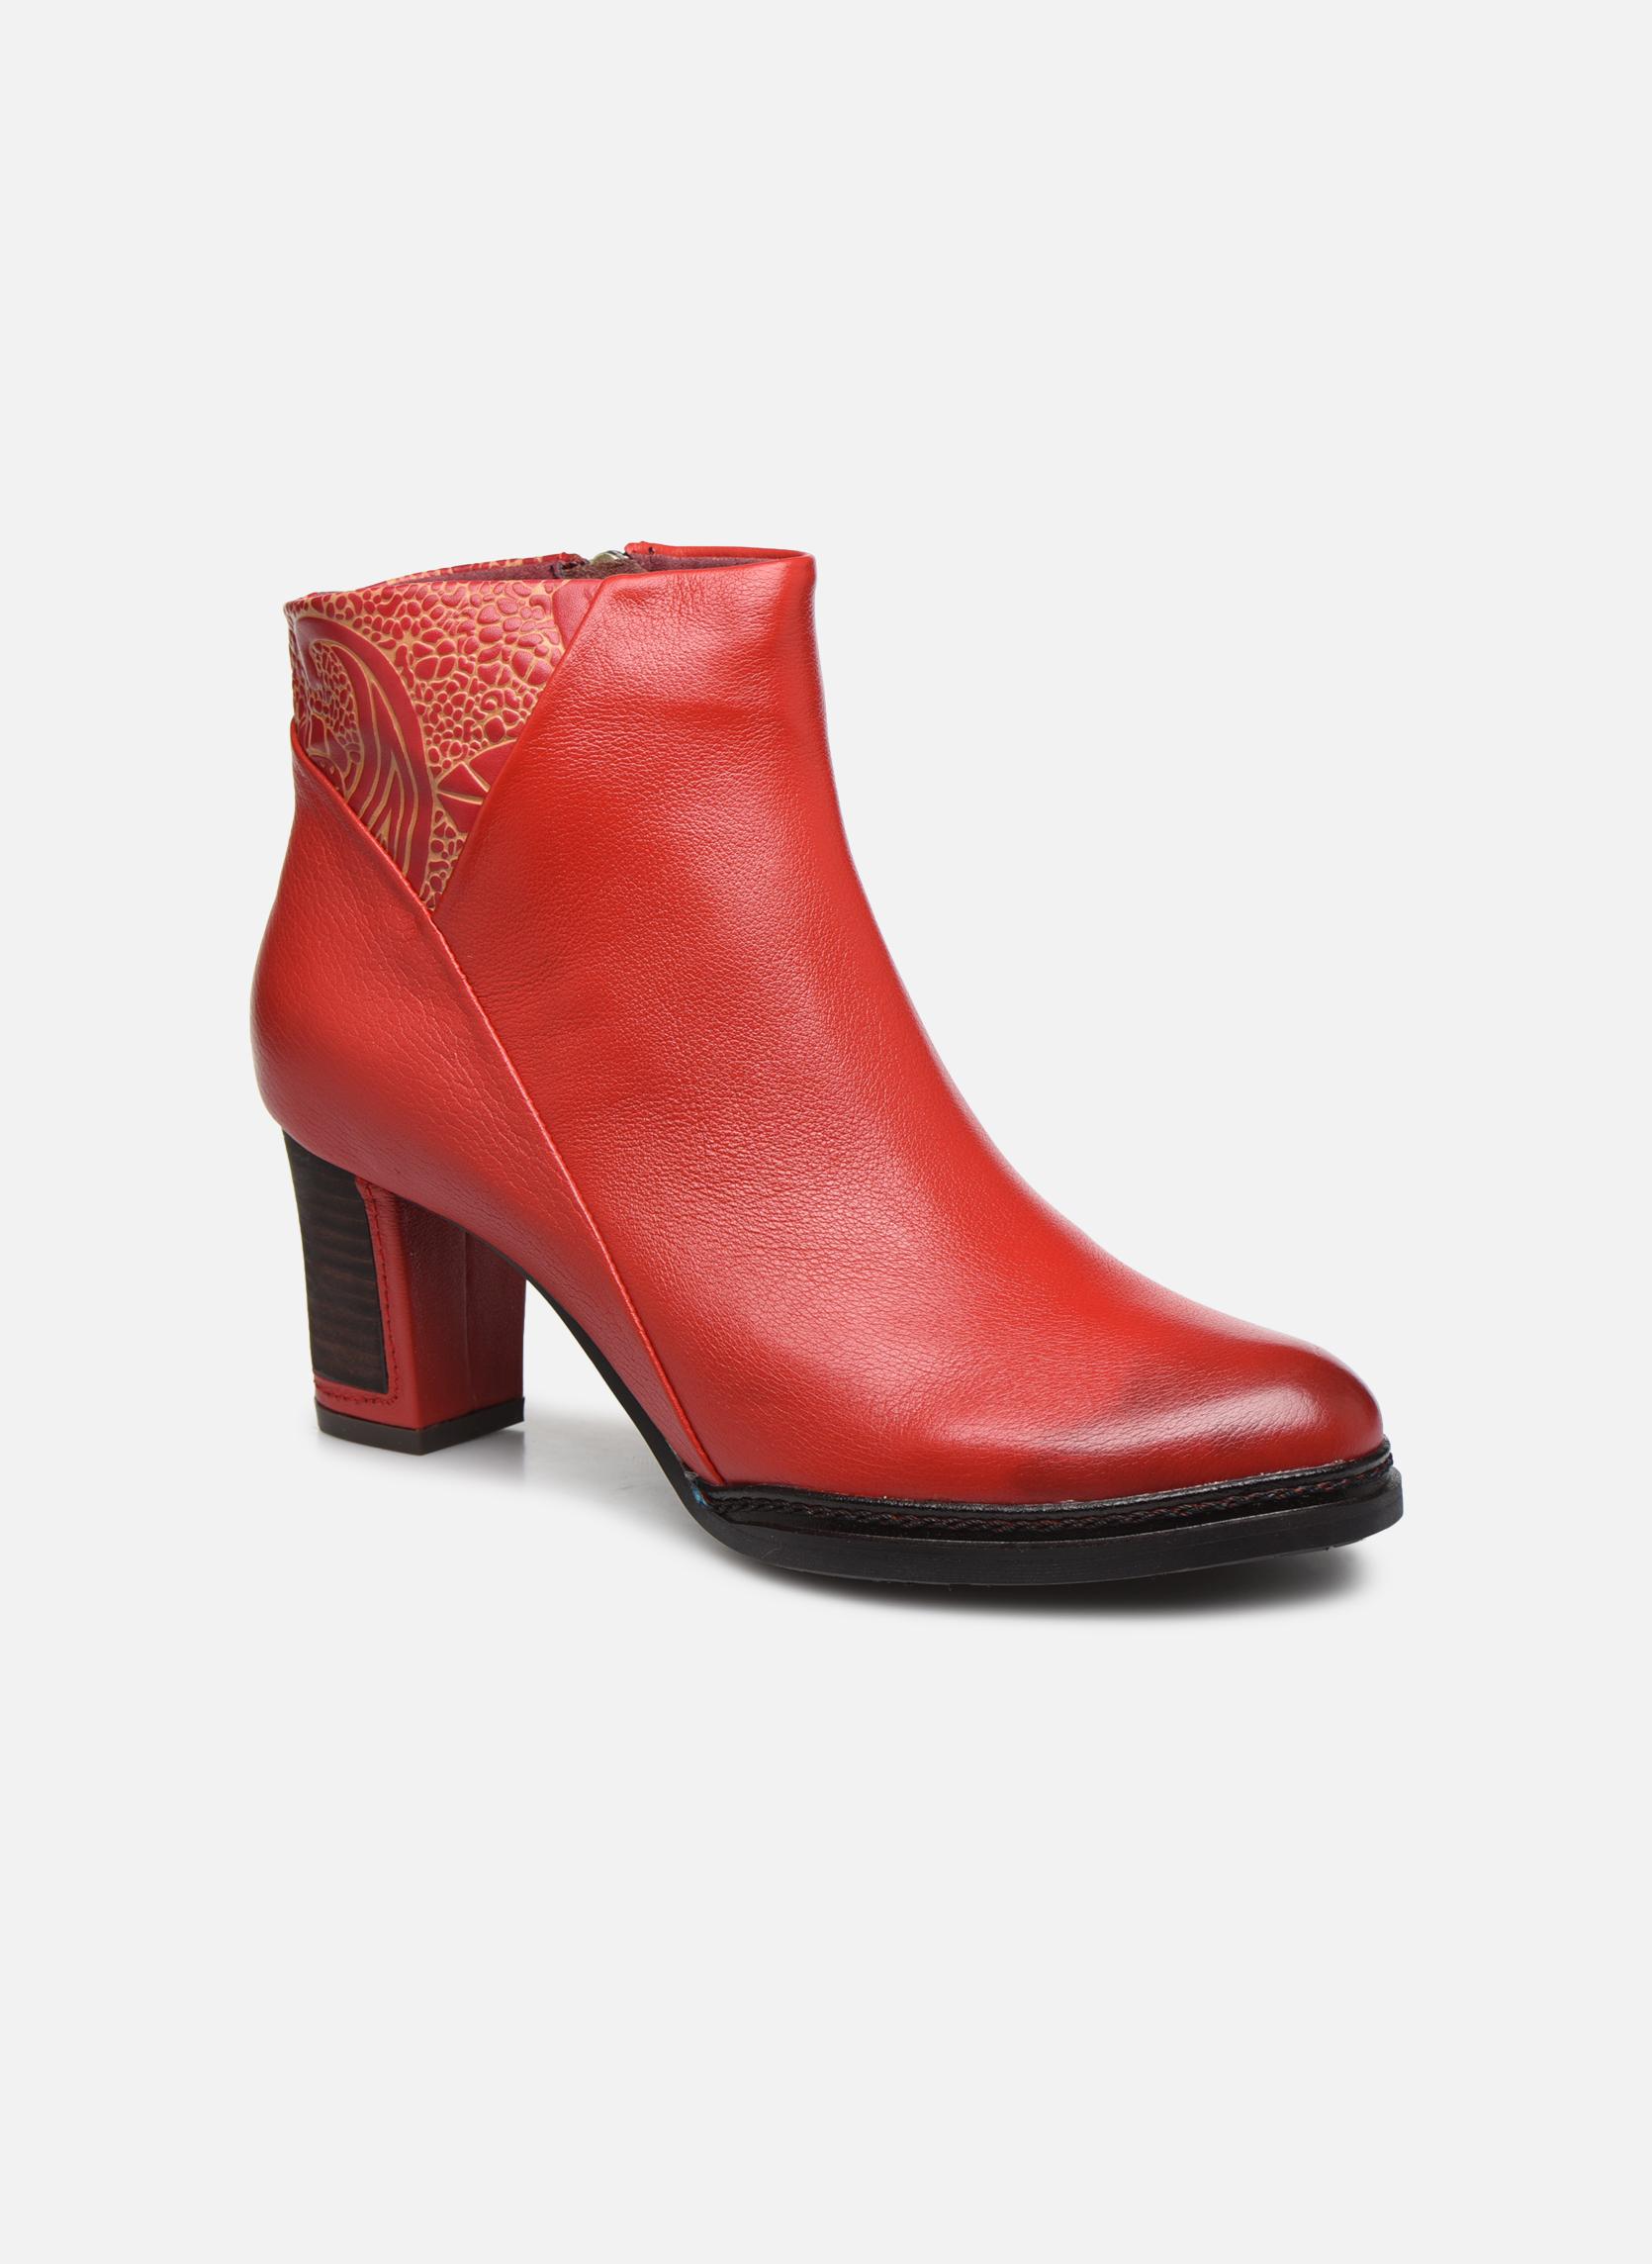 Moda barata y hermosa Laura Vita ANGELA 12 (Rojo) - Botines  en Más cómodo